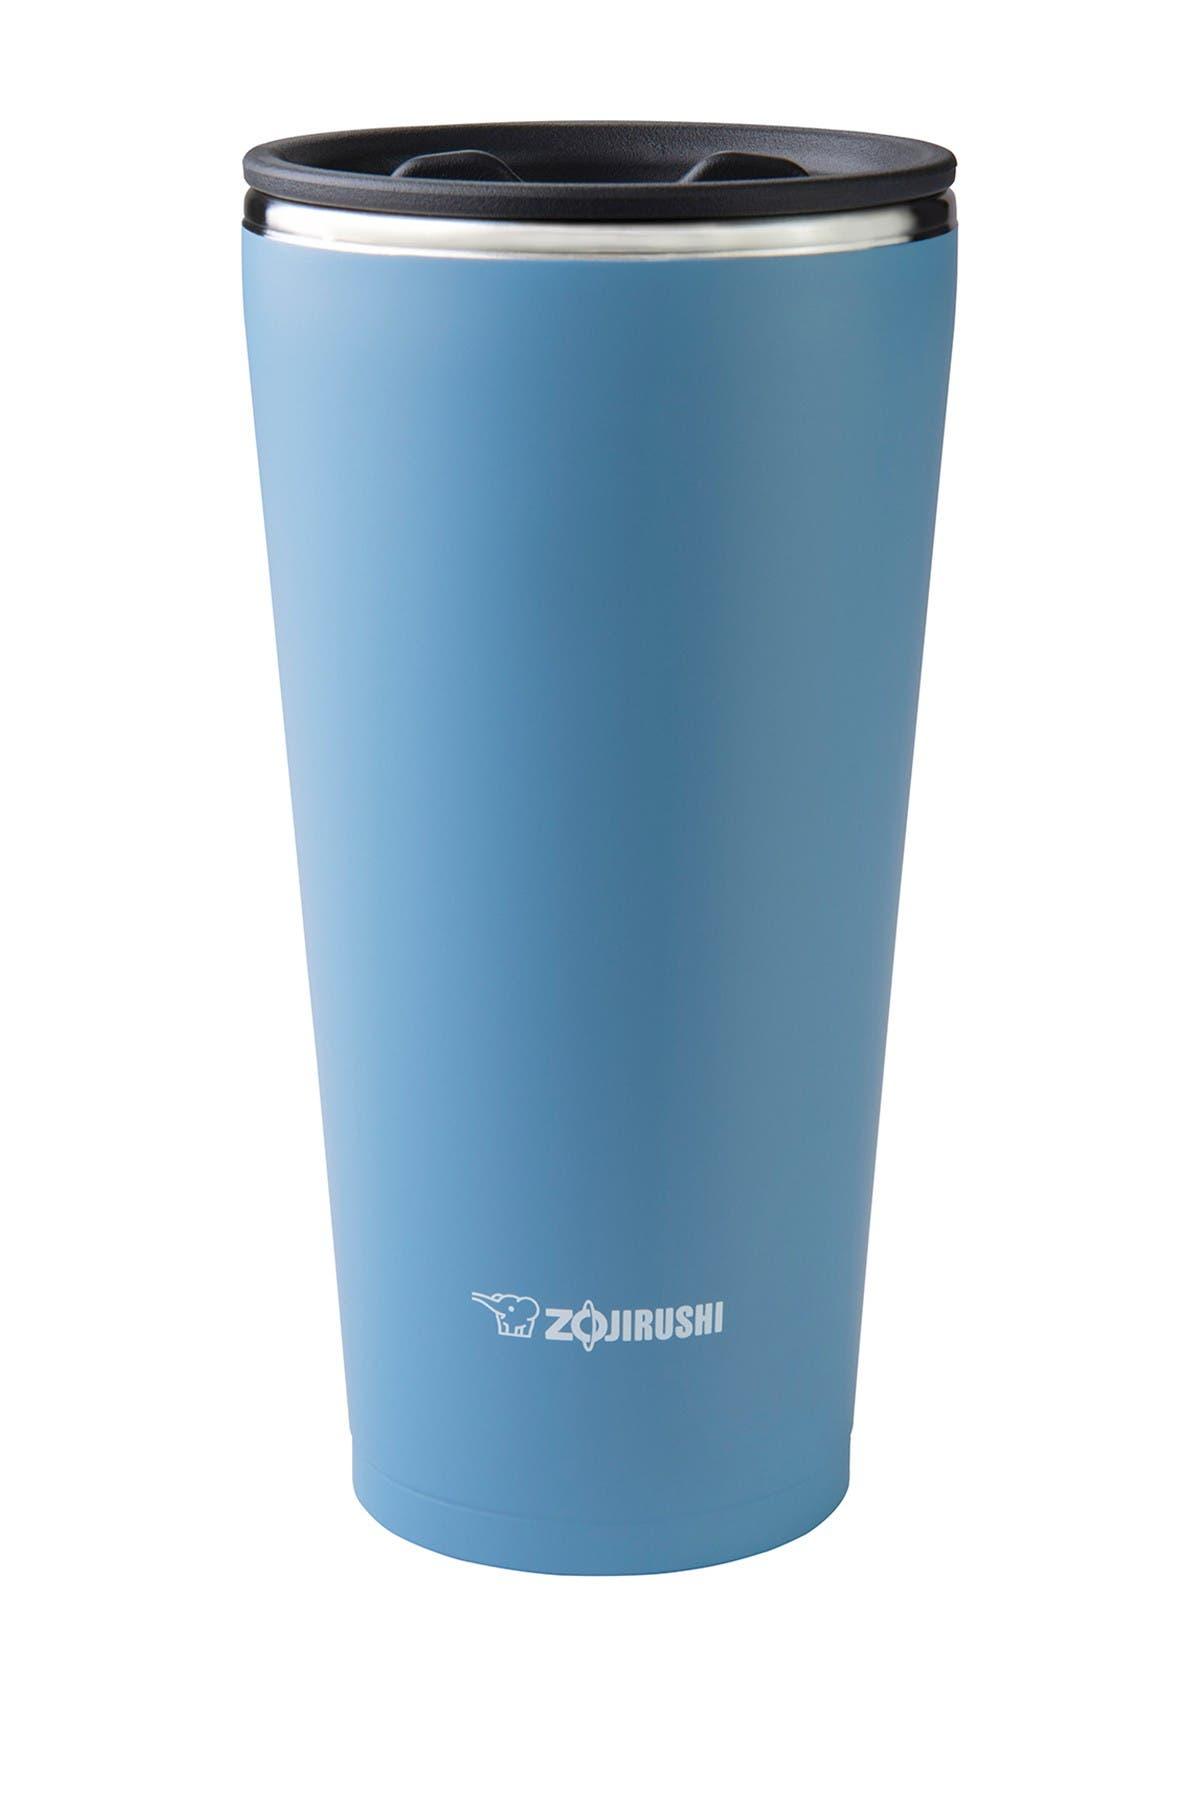 Image of ZOJIRUSHI Stainless Vacuum Tumbler 15oz. - Blue Gray